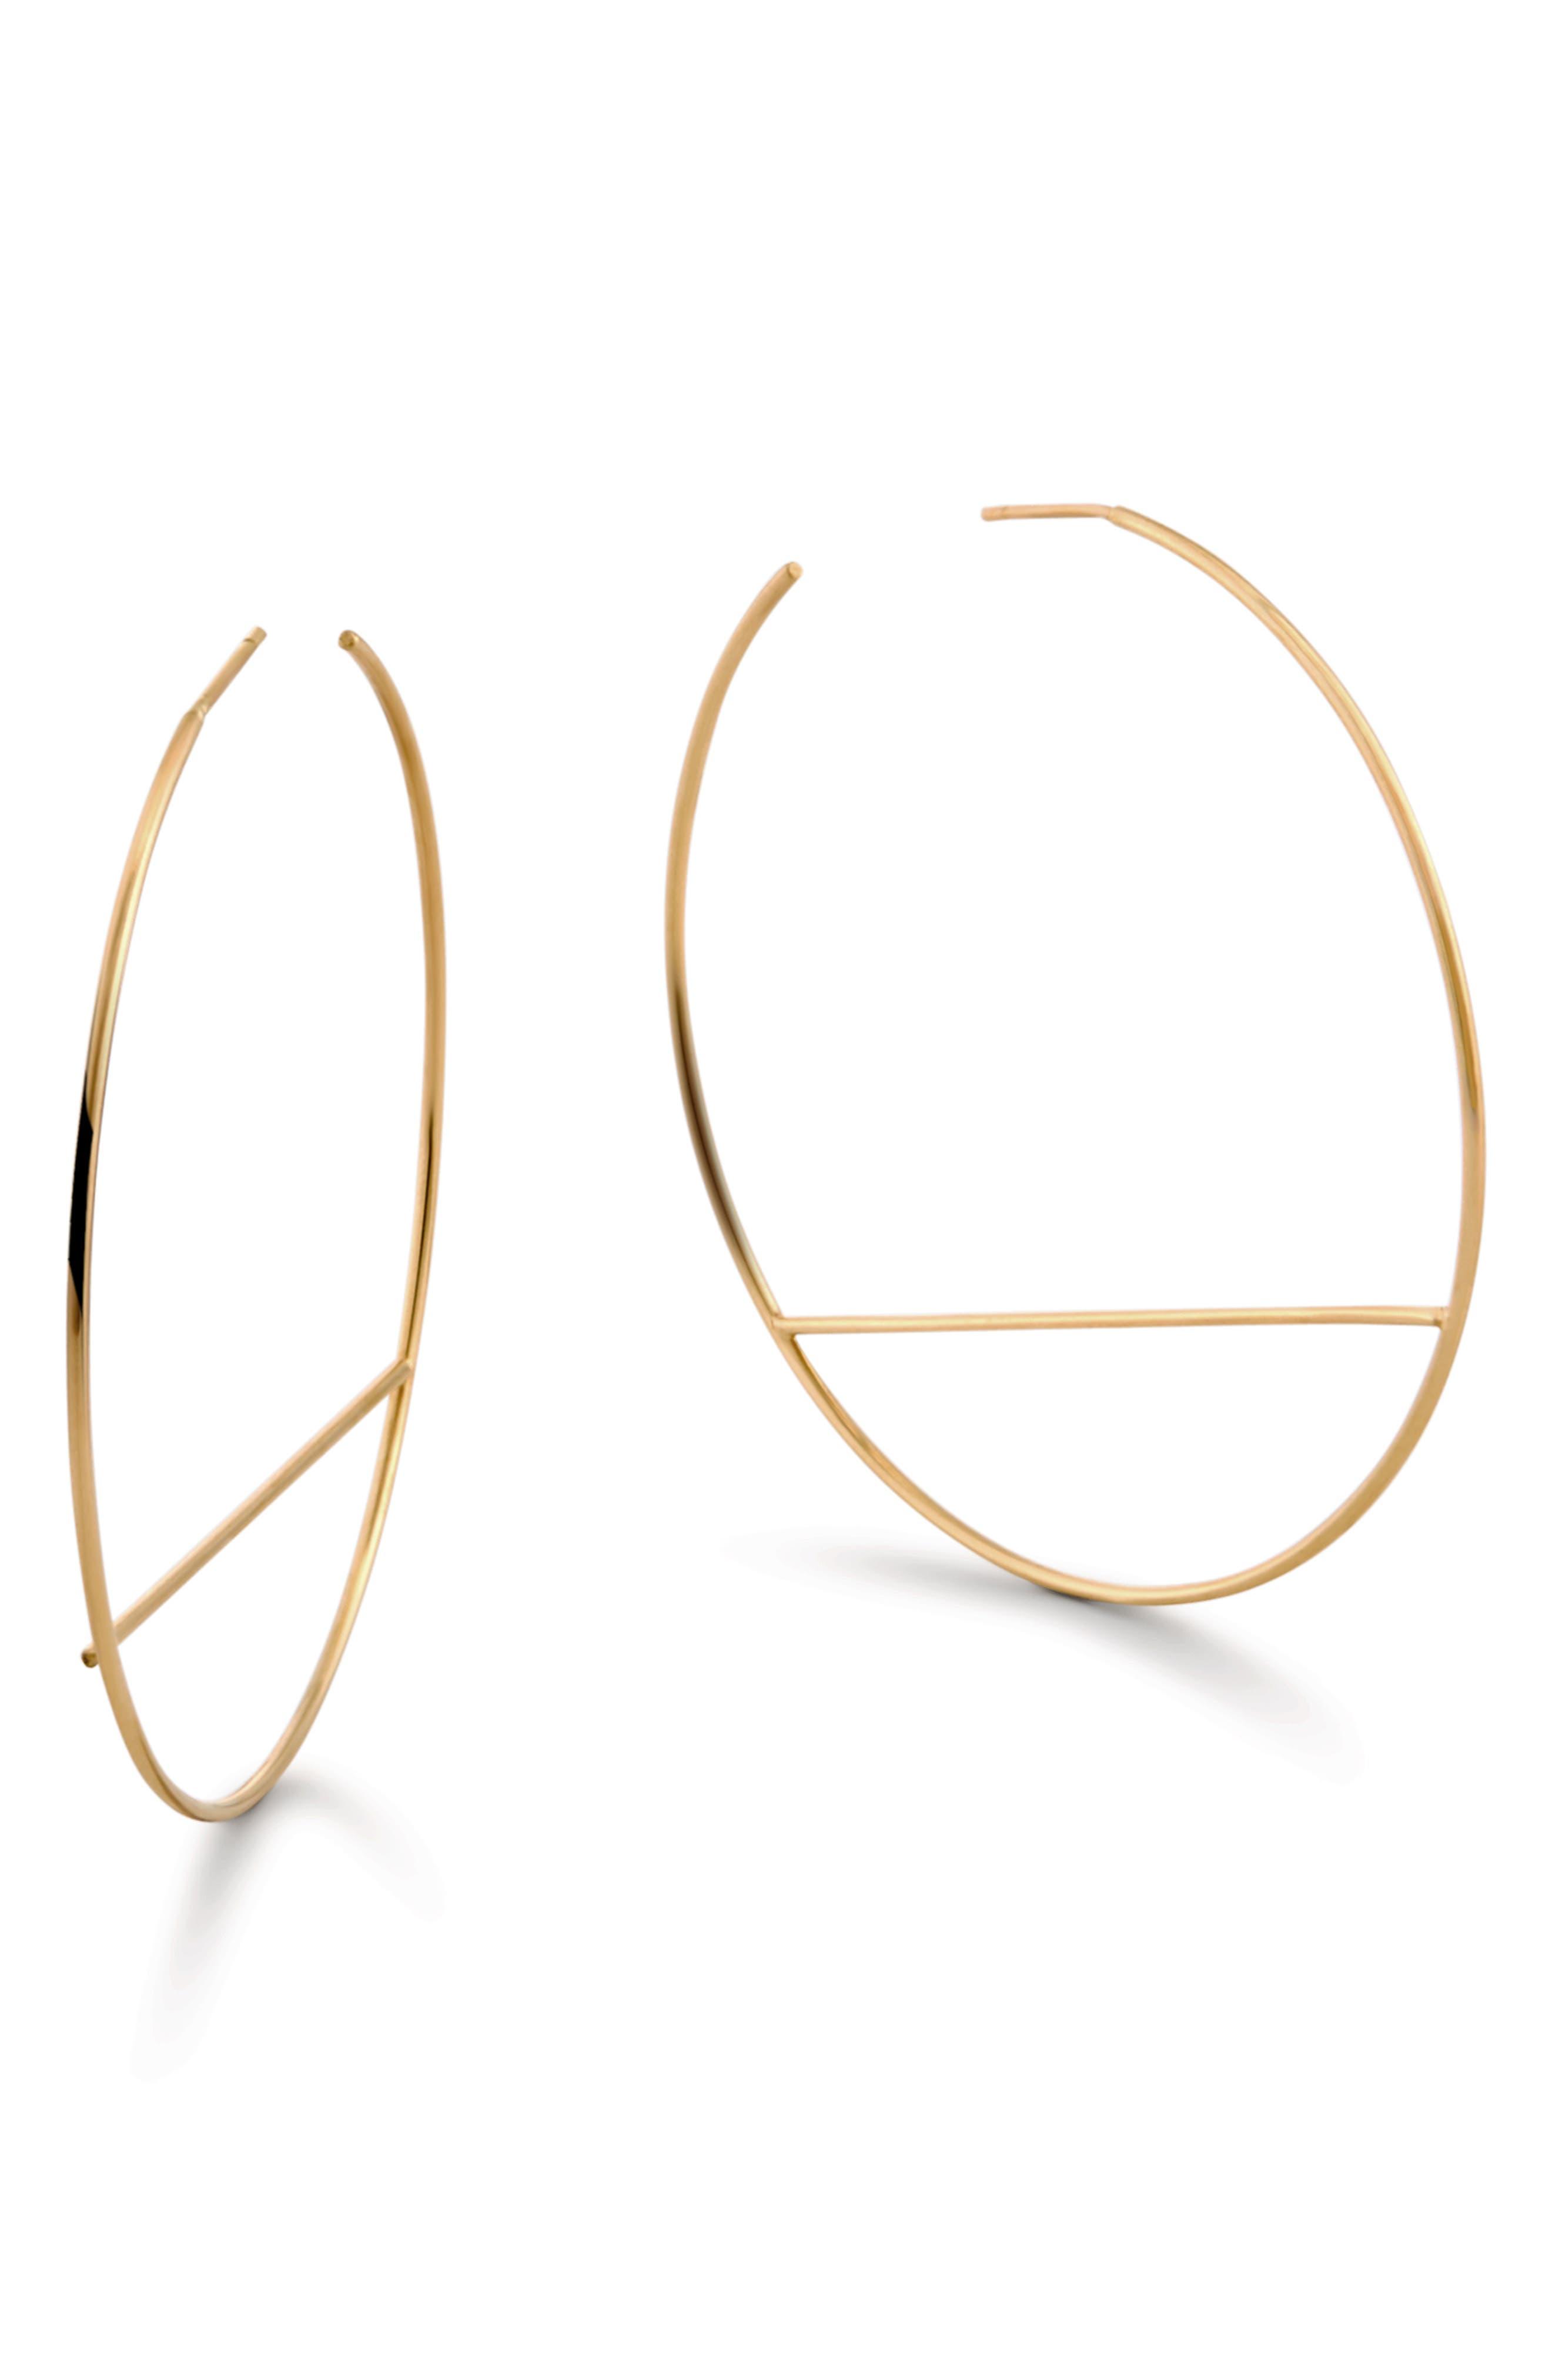 Lana Jewelry Wire Eclipse Hoop Earrings